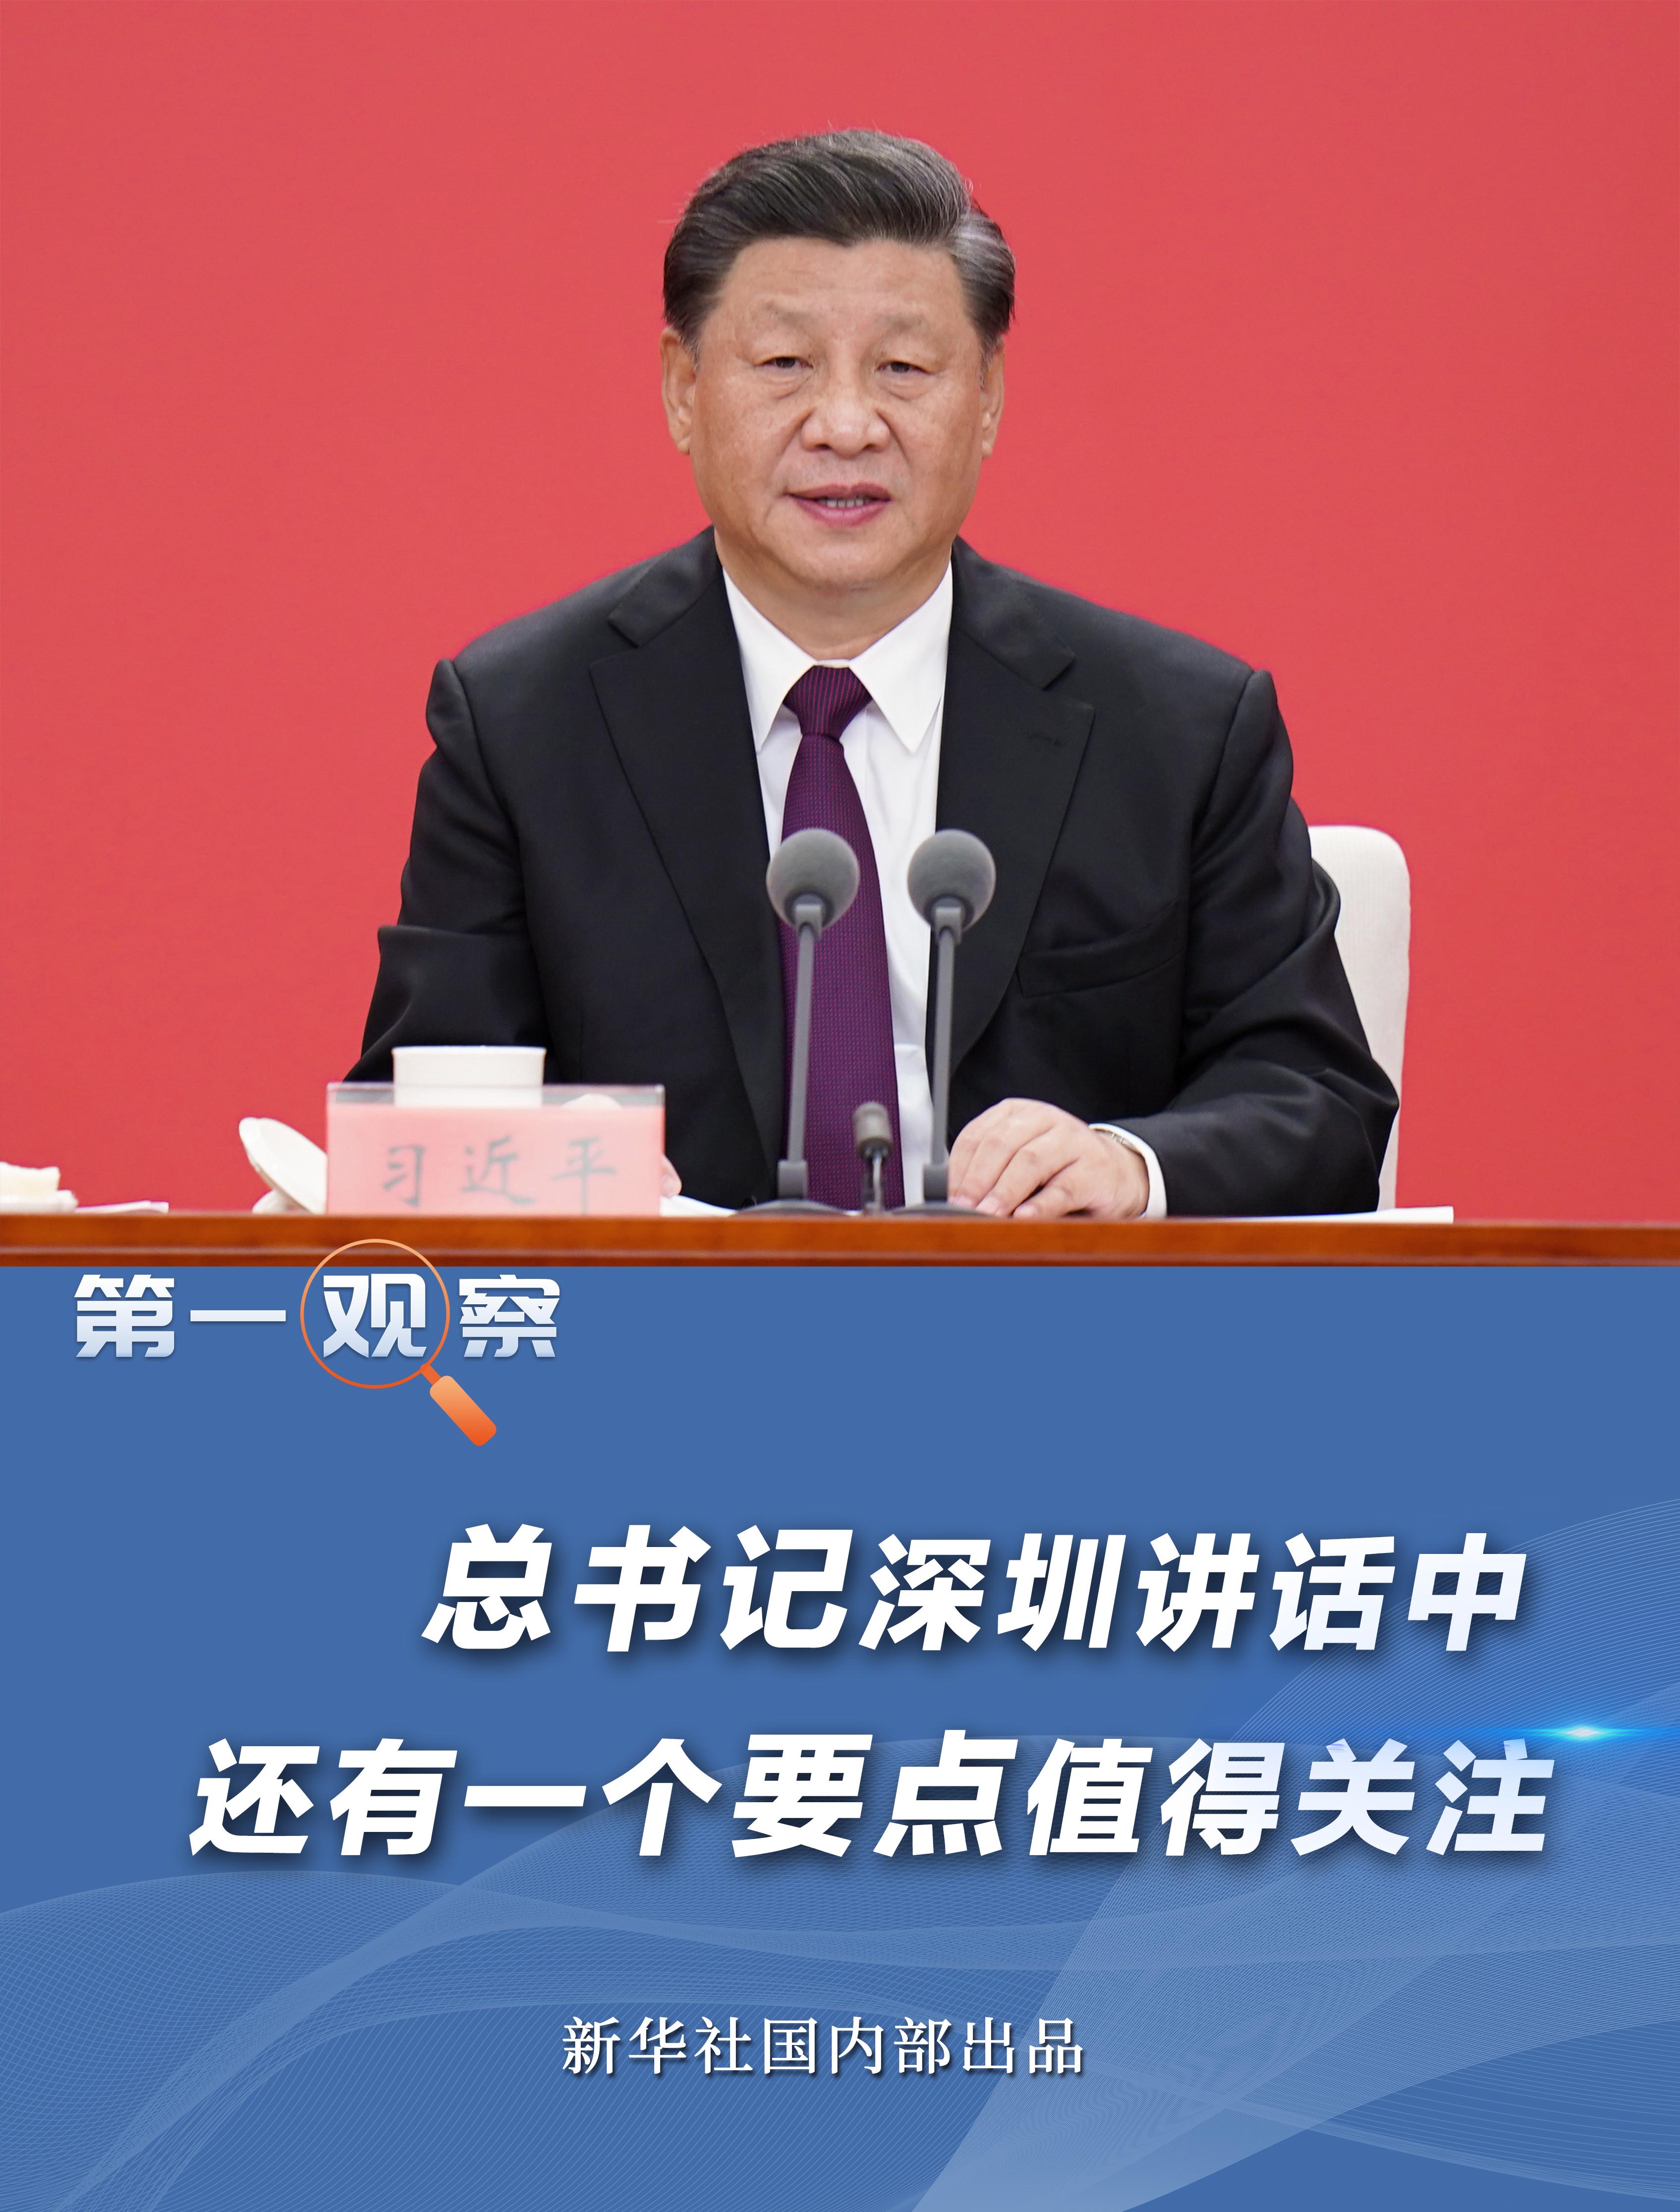 第一观察   总书记深圳讲话中,还有ζ 一个要点值得关注